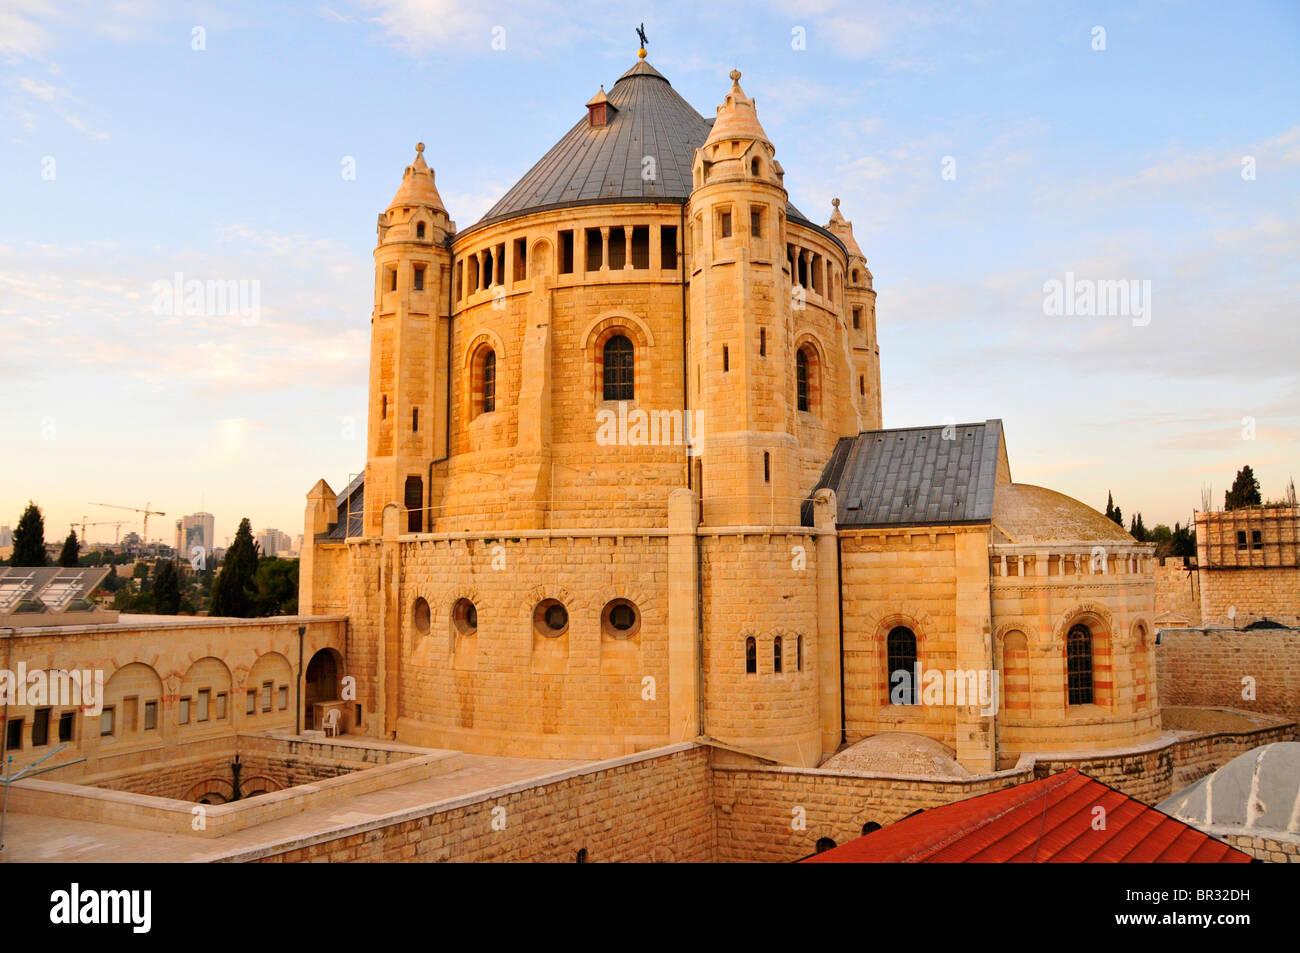 Iglesia de la Dormición en el monte de Sión, Jerusalén, Israel, Oriente Medio Oriente. Foto de stock